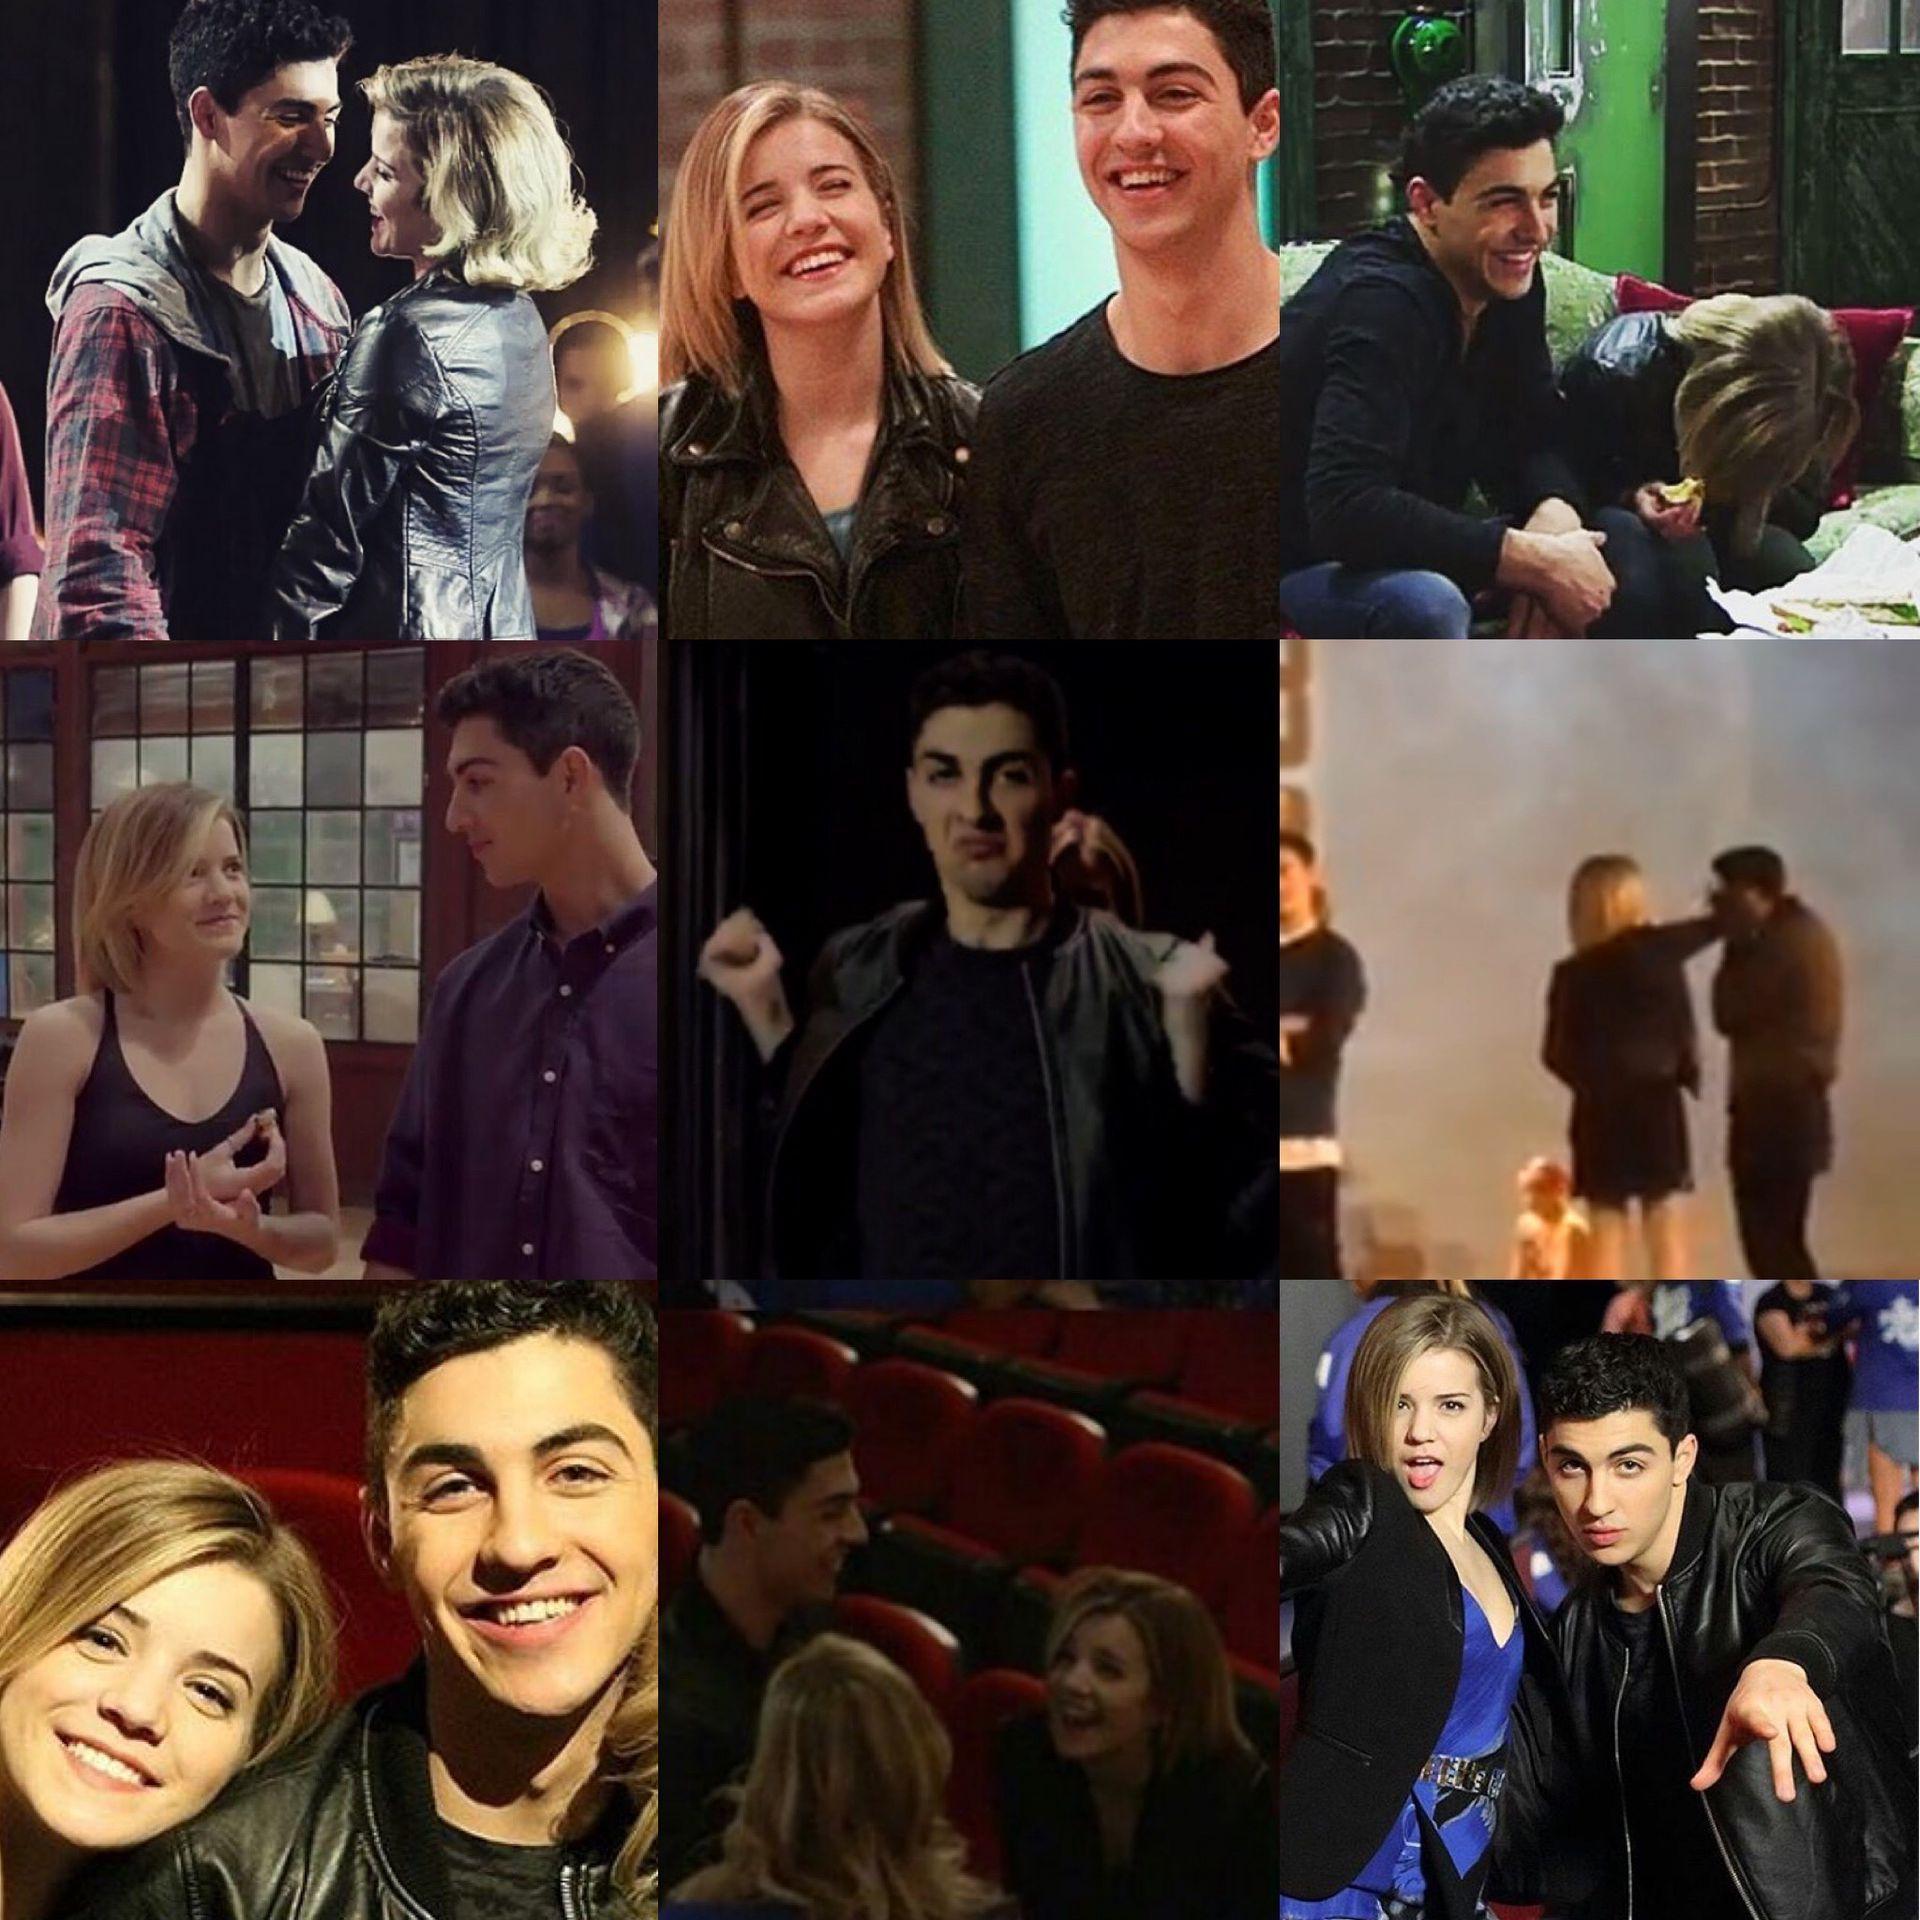 Trevor y Brittany se conocieron en el 2011 cuando se grabó el episodi… #fanfic # Fanfic # amreading # books # wattpad